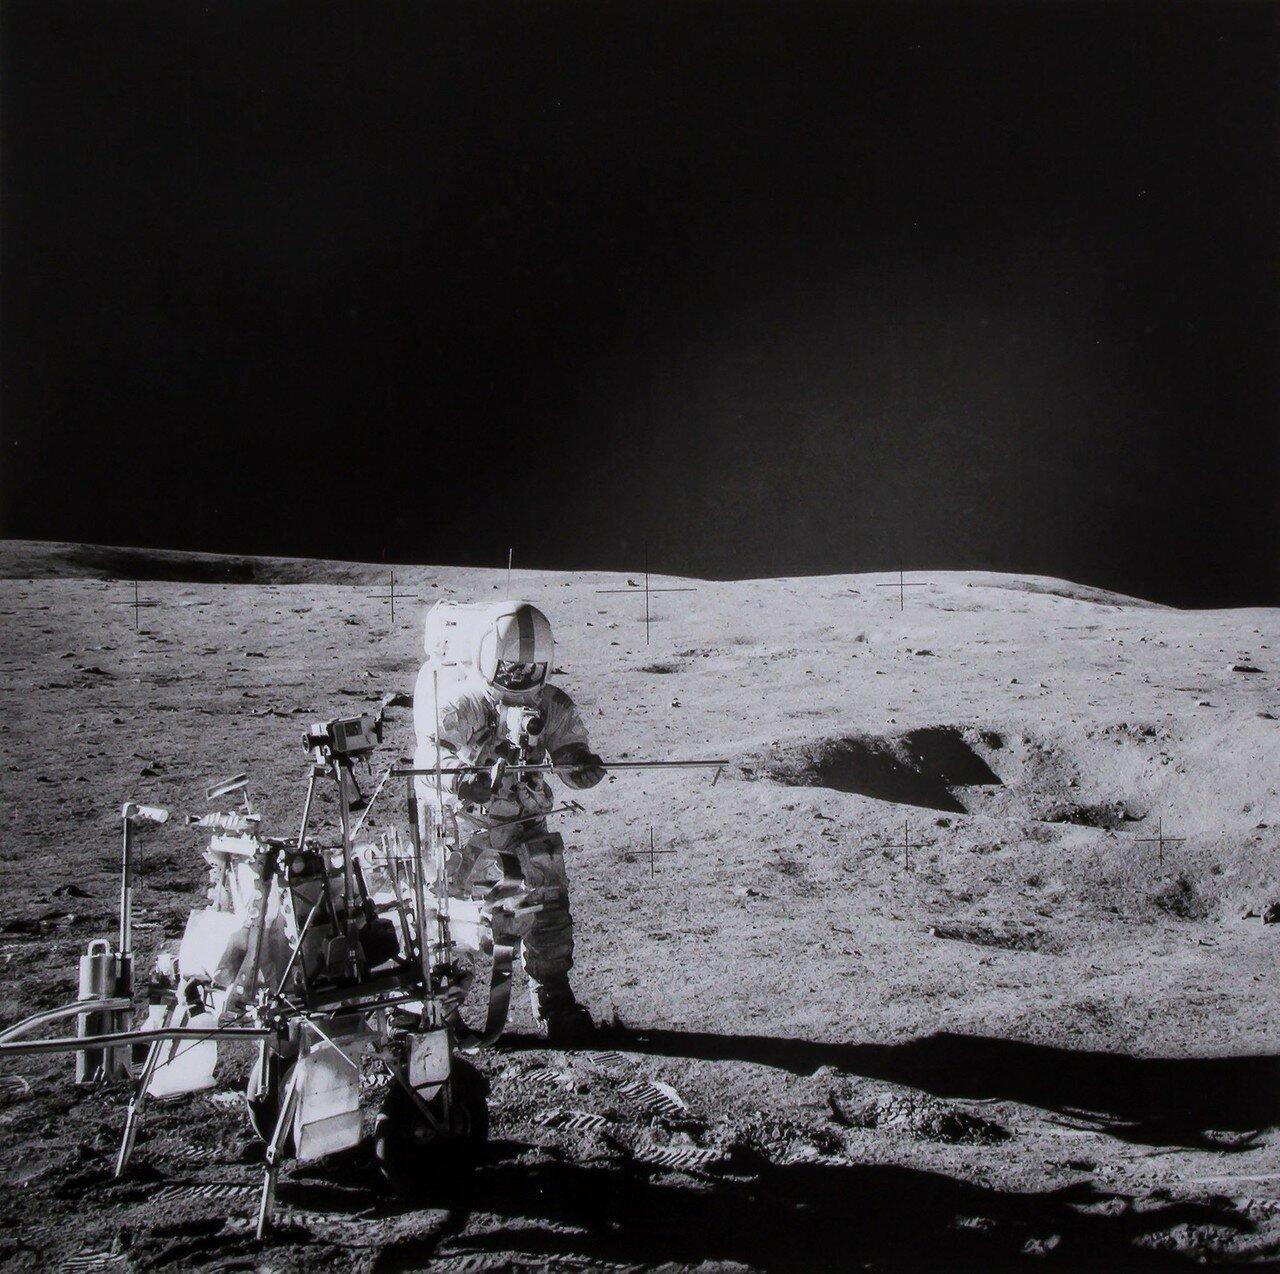 Астронавты направились к близлежащему кратеру Коун. Во время остановки с помощью трубки-пробоотборника была взята колонка грунта с глубины 45 см. Заглубить трубку на полную длину (110 см.) не удалось, мешали твёрдые породы. На Снимке: Алан Шепард собирает основную трубу на станции А